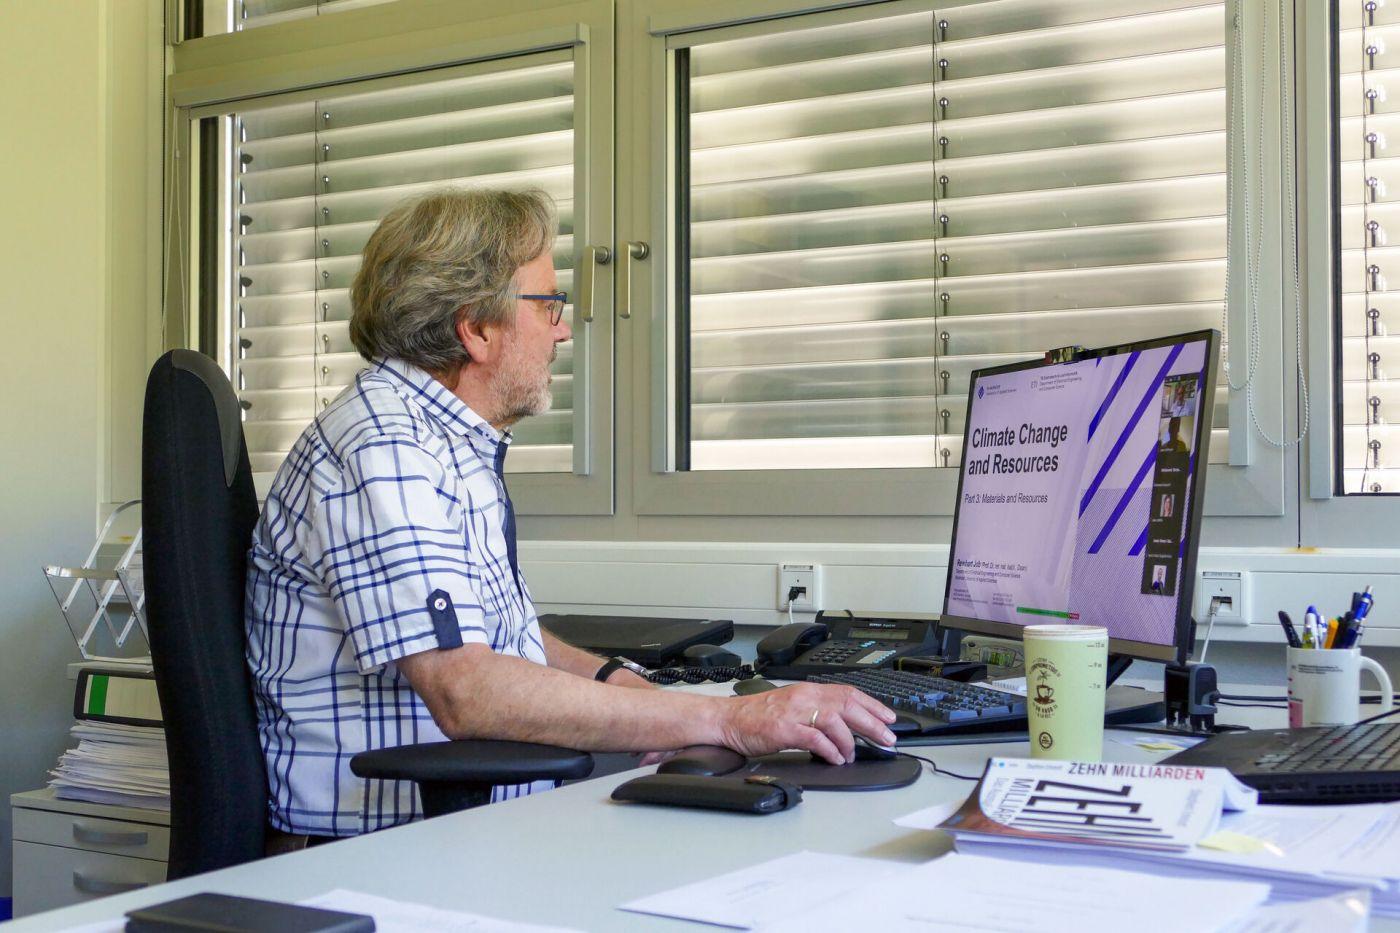 Prof. Dr. Reinhart Job sitzt am Schreibtisch vor dem Computerbildschirm, auf dem die Präsentation seiner Online-Vorlesung über Klimawandel und Ressourcen zu sehen ist.  (Foto: FH Münster/Jana Schiller)